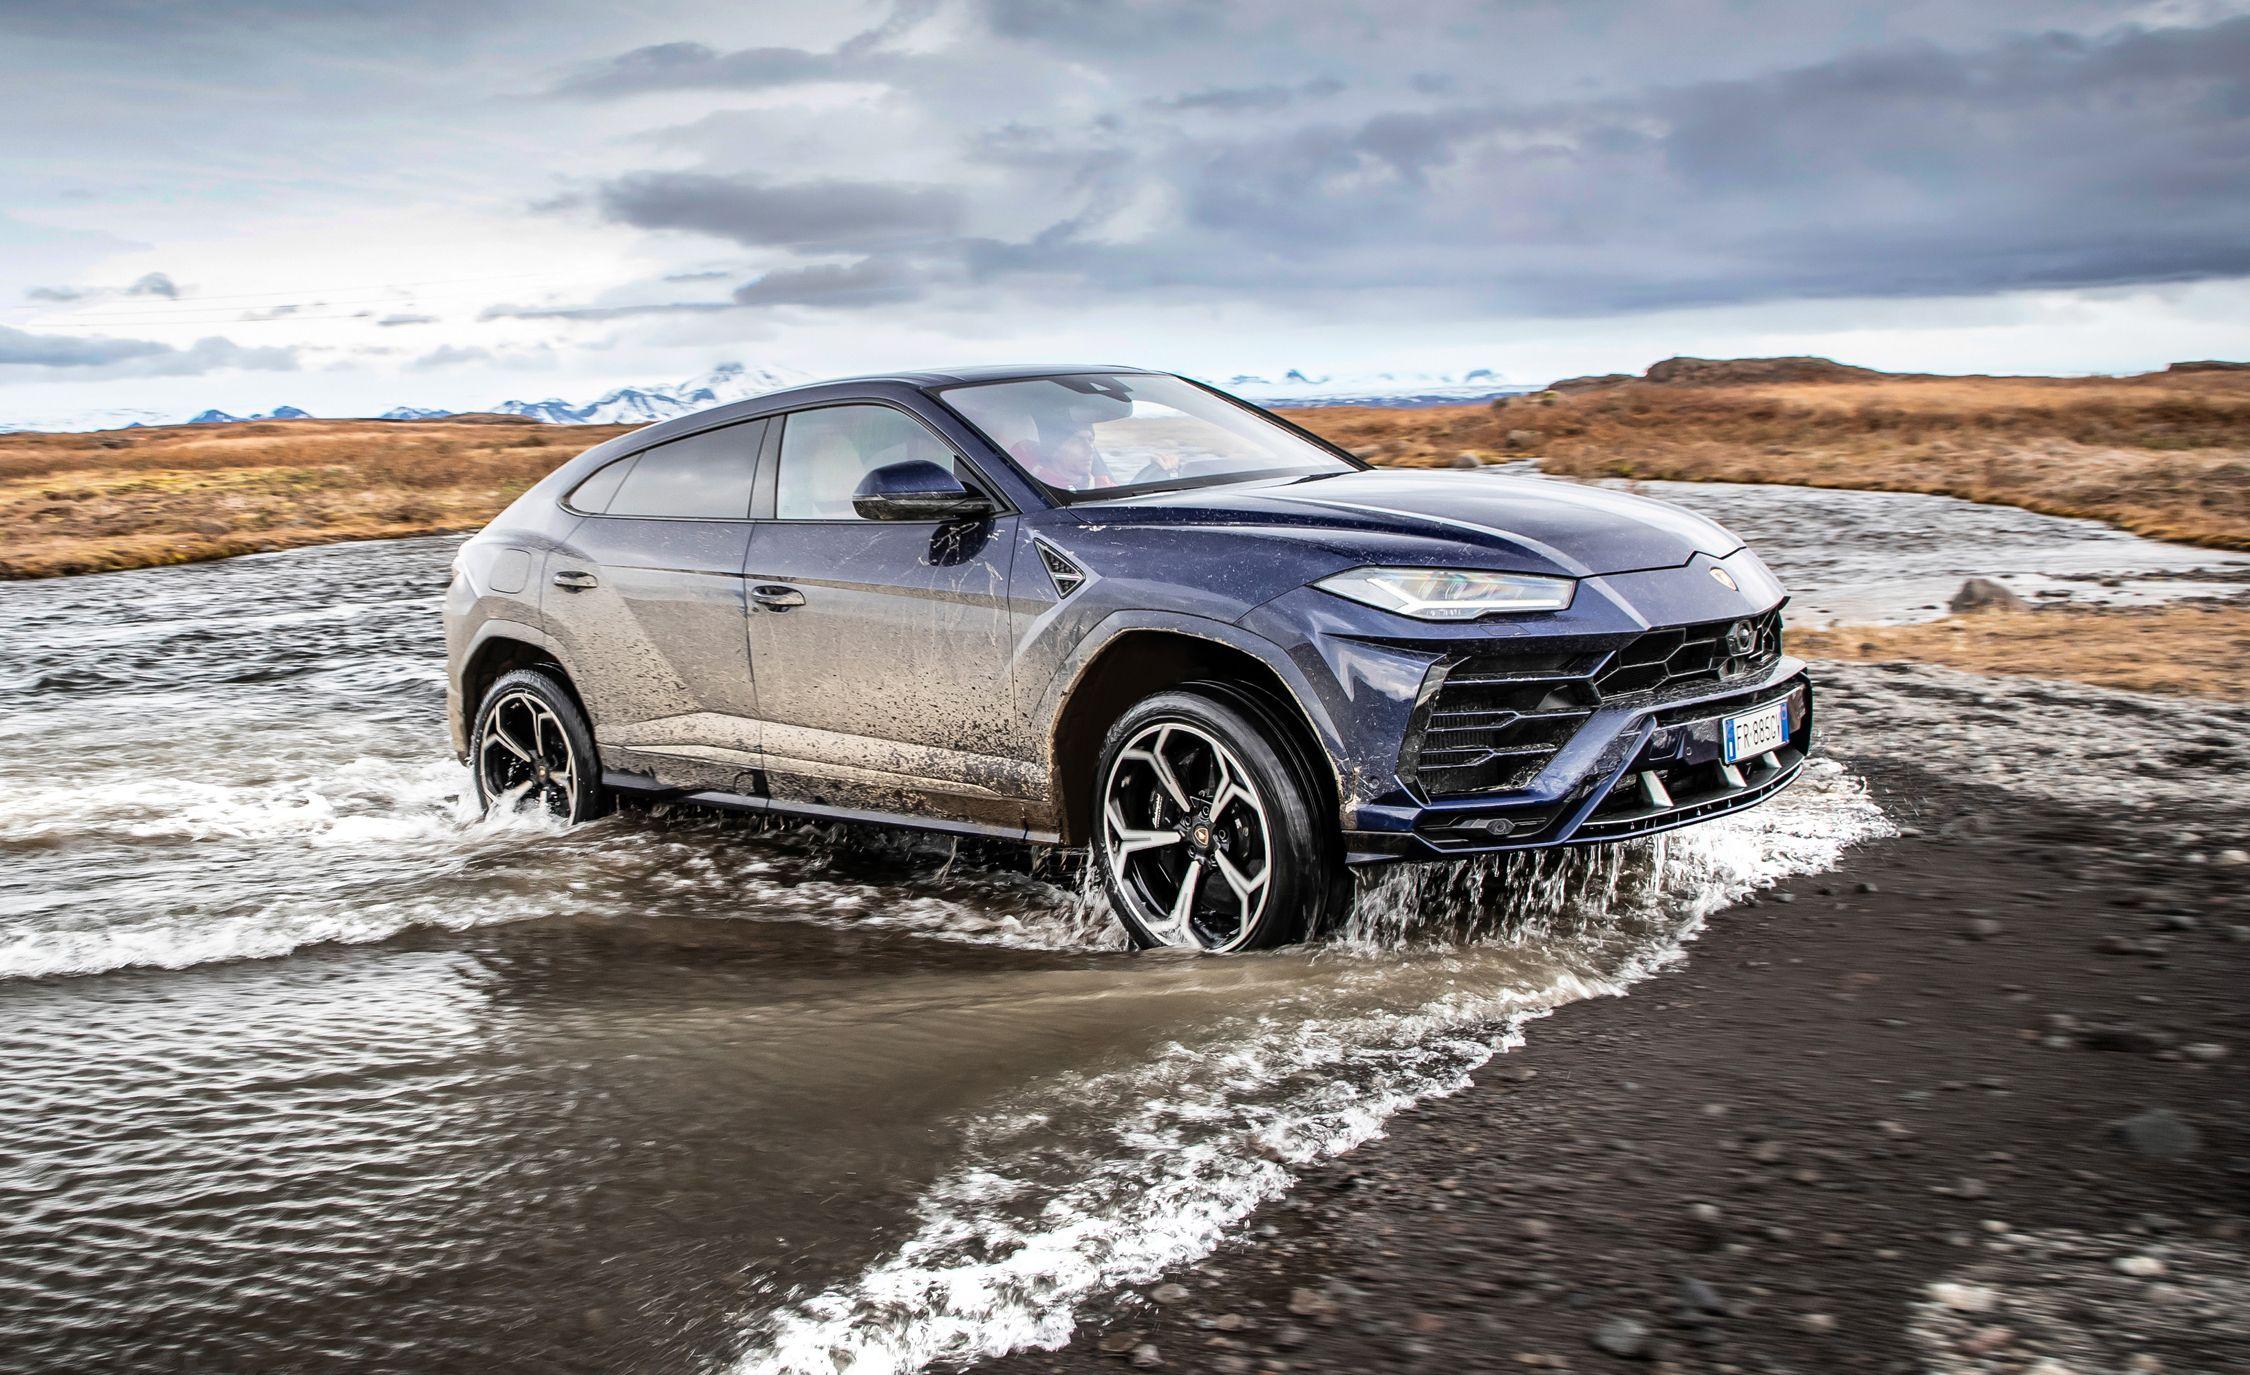 2019 Lamborghini Urus Review Pricing And Specs